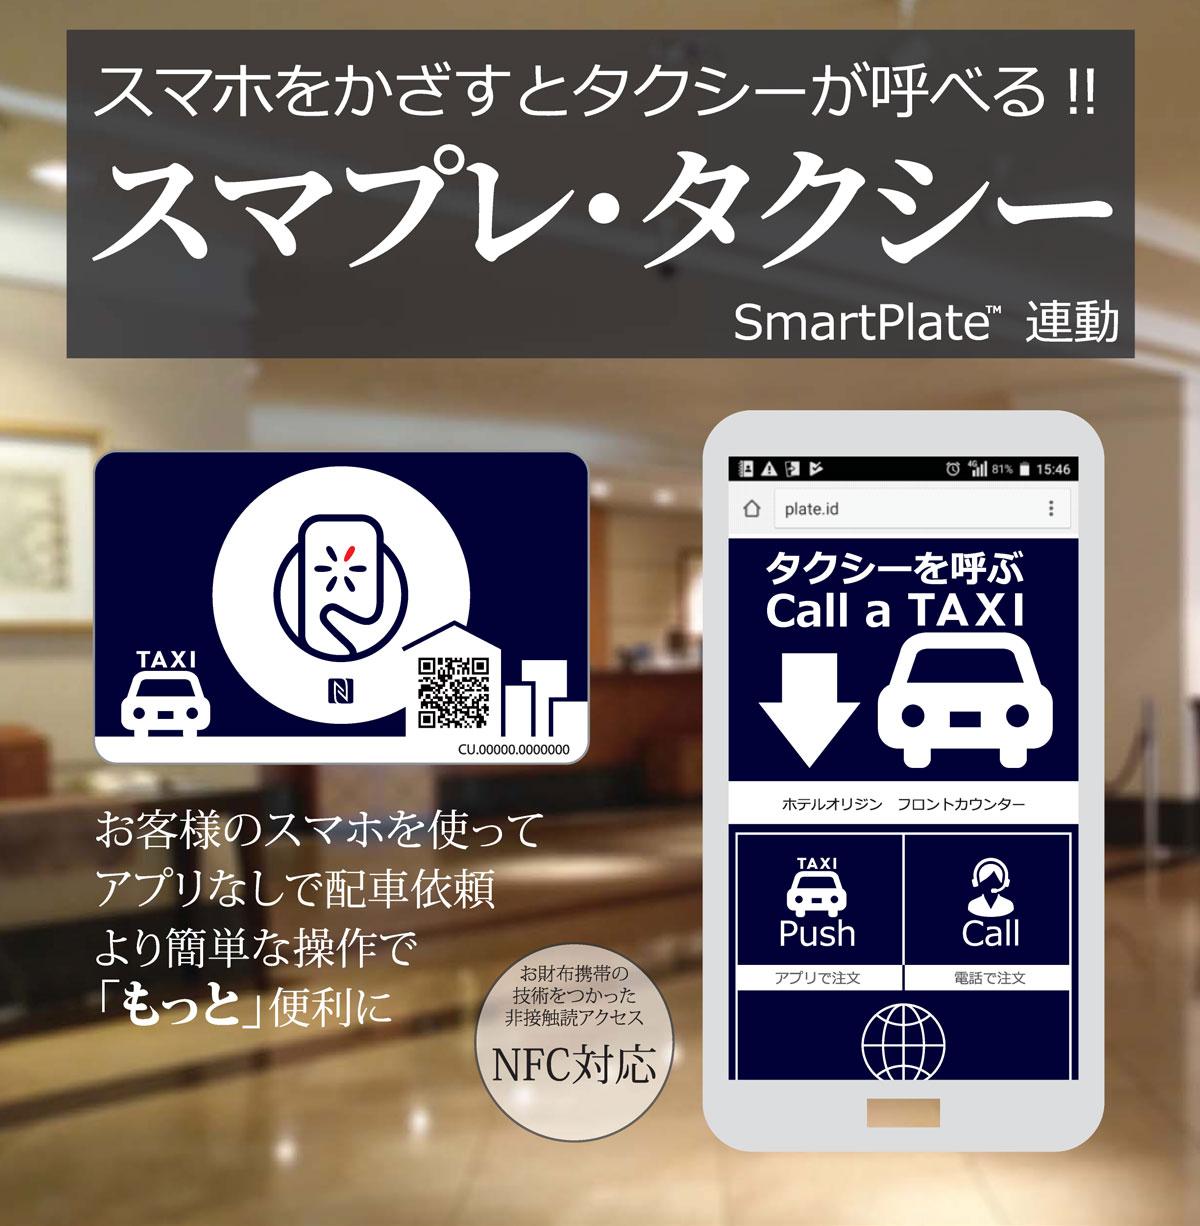 スマプレ・タクシー スマホをかざすとタクシーが呼べる!! SmartPlate ™ 連動